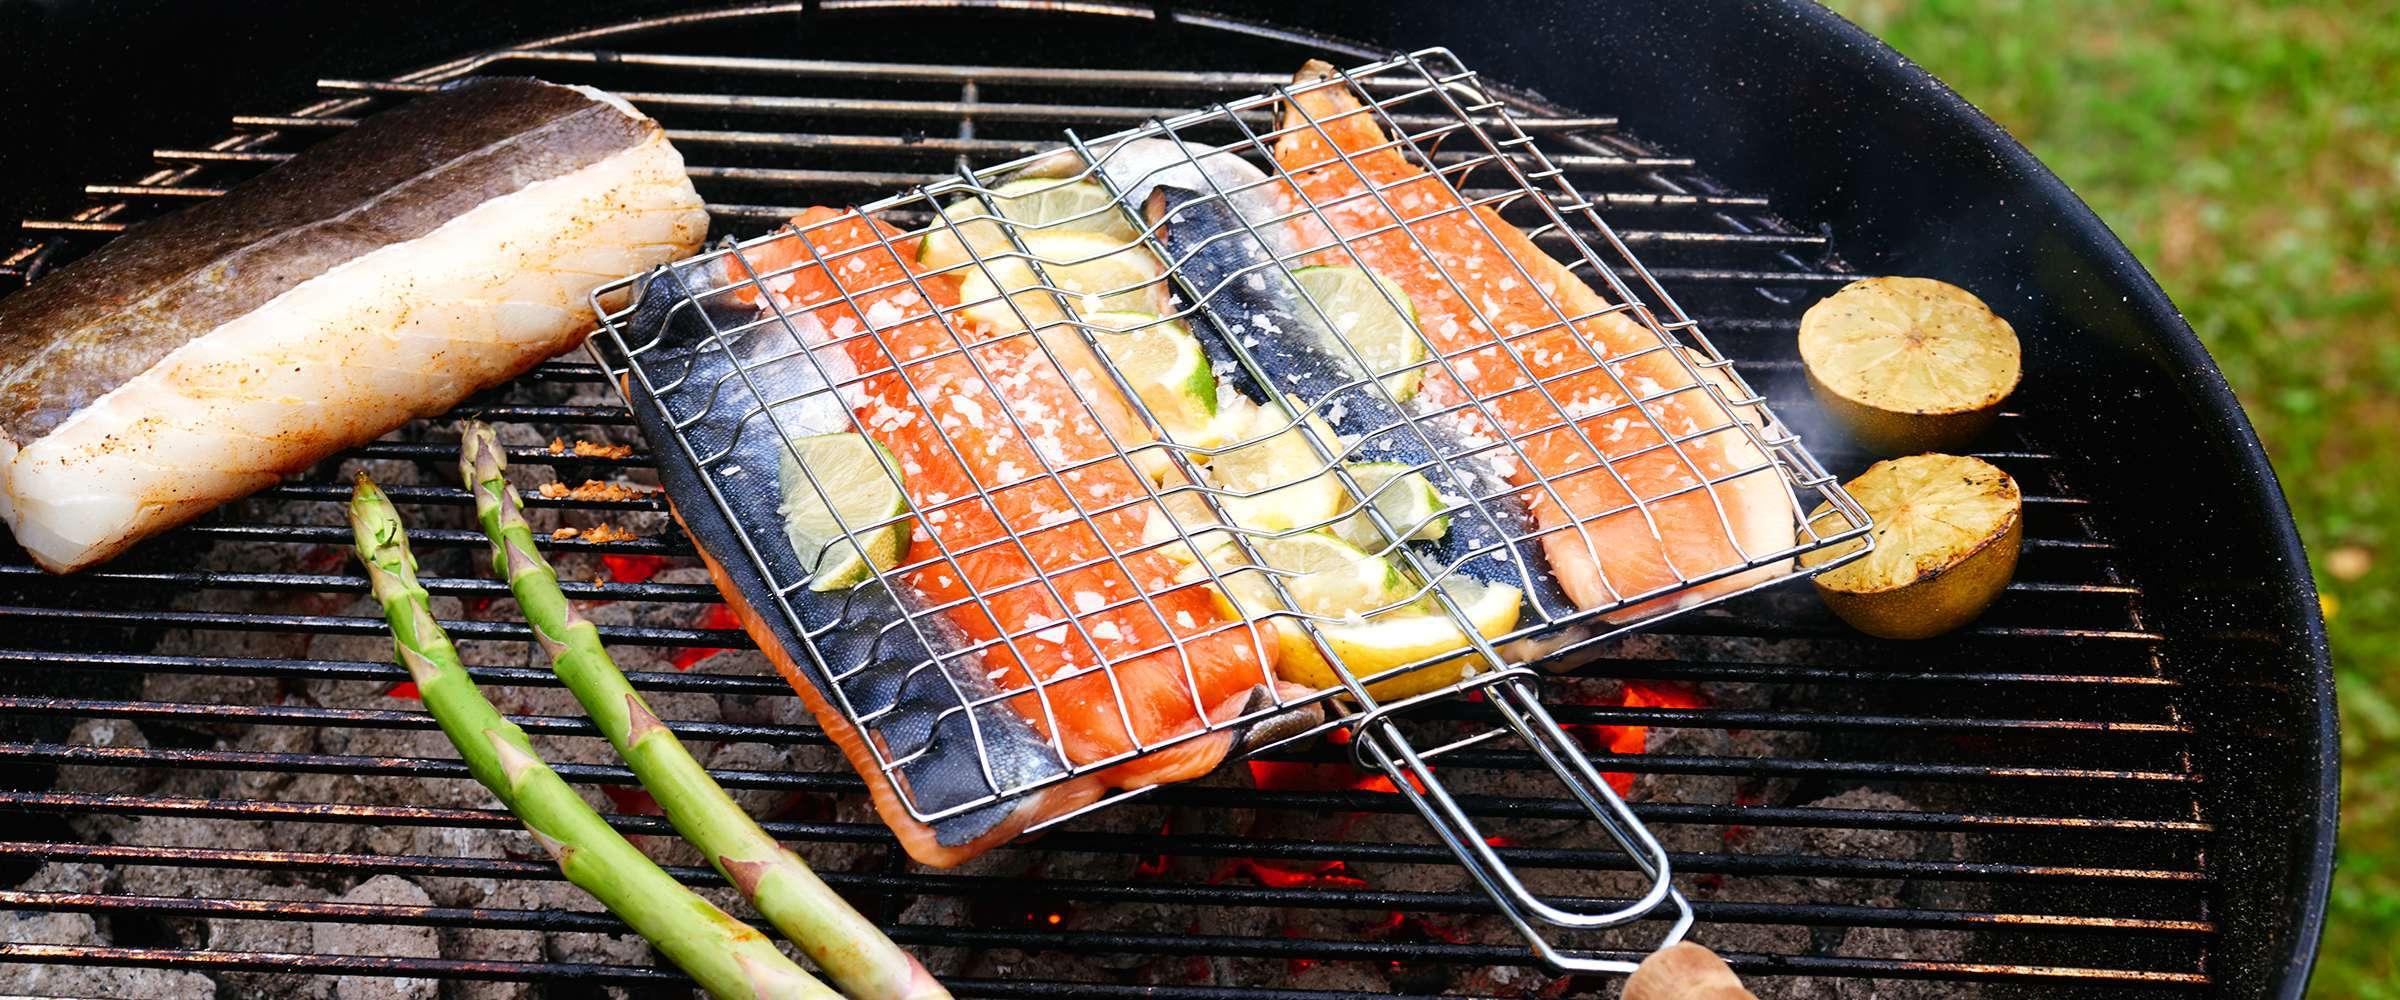 grilla fisk